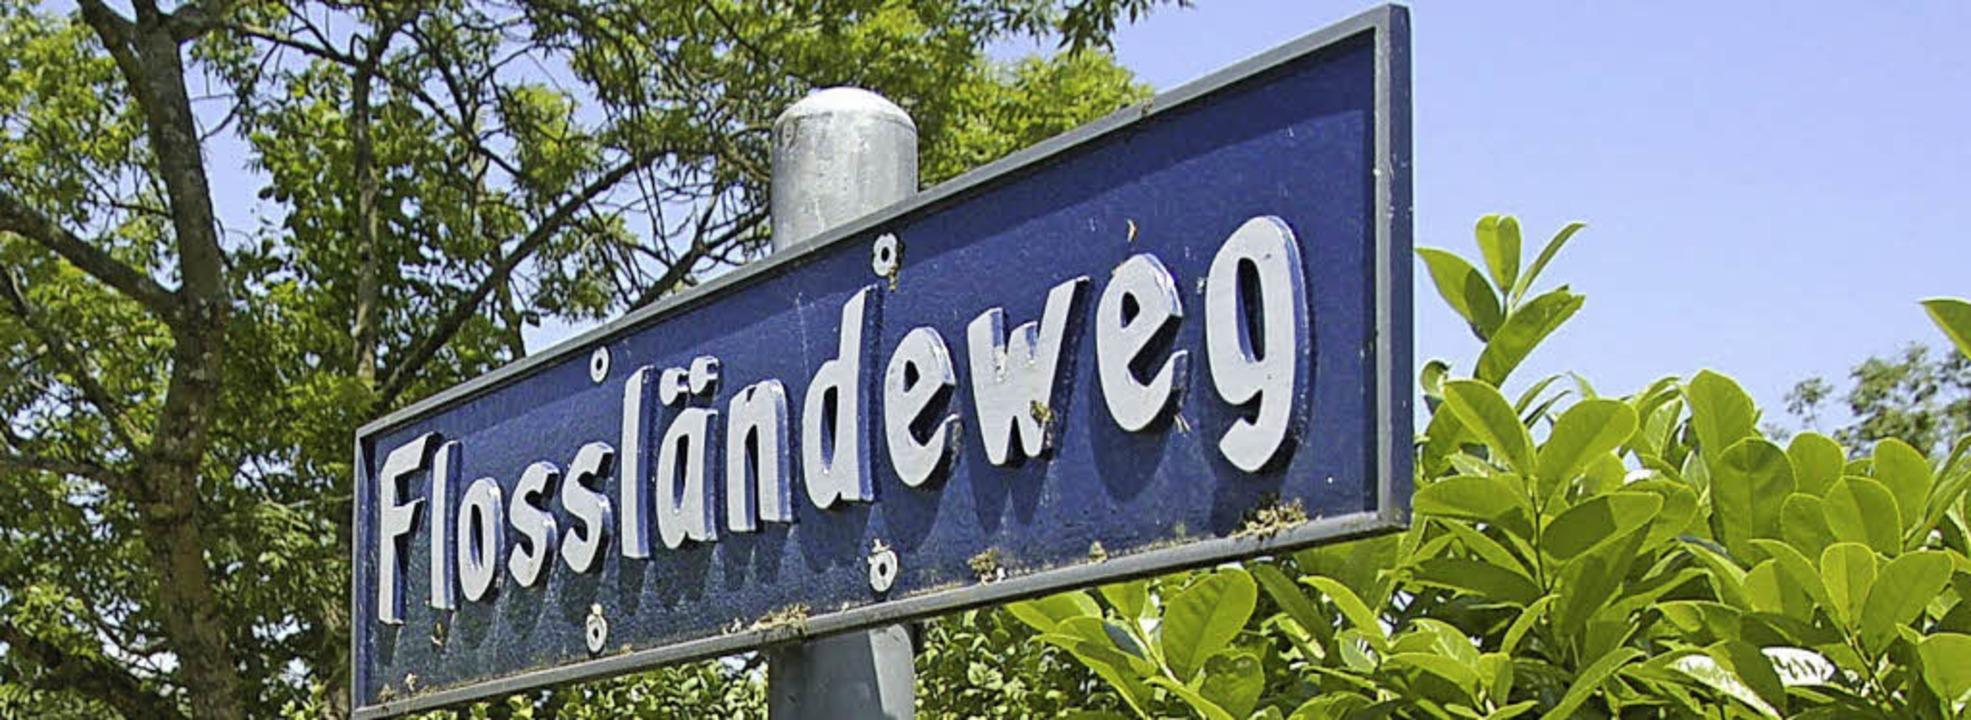 Am Flossländeweg soll der neue Steg über den Rhein gebaut werden.   | Foto: Ralf Staub